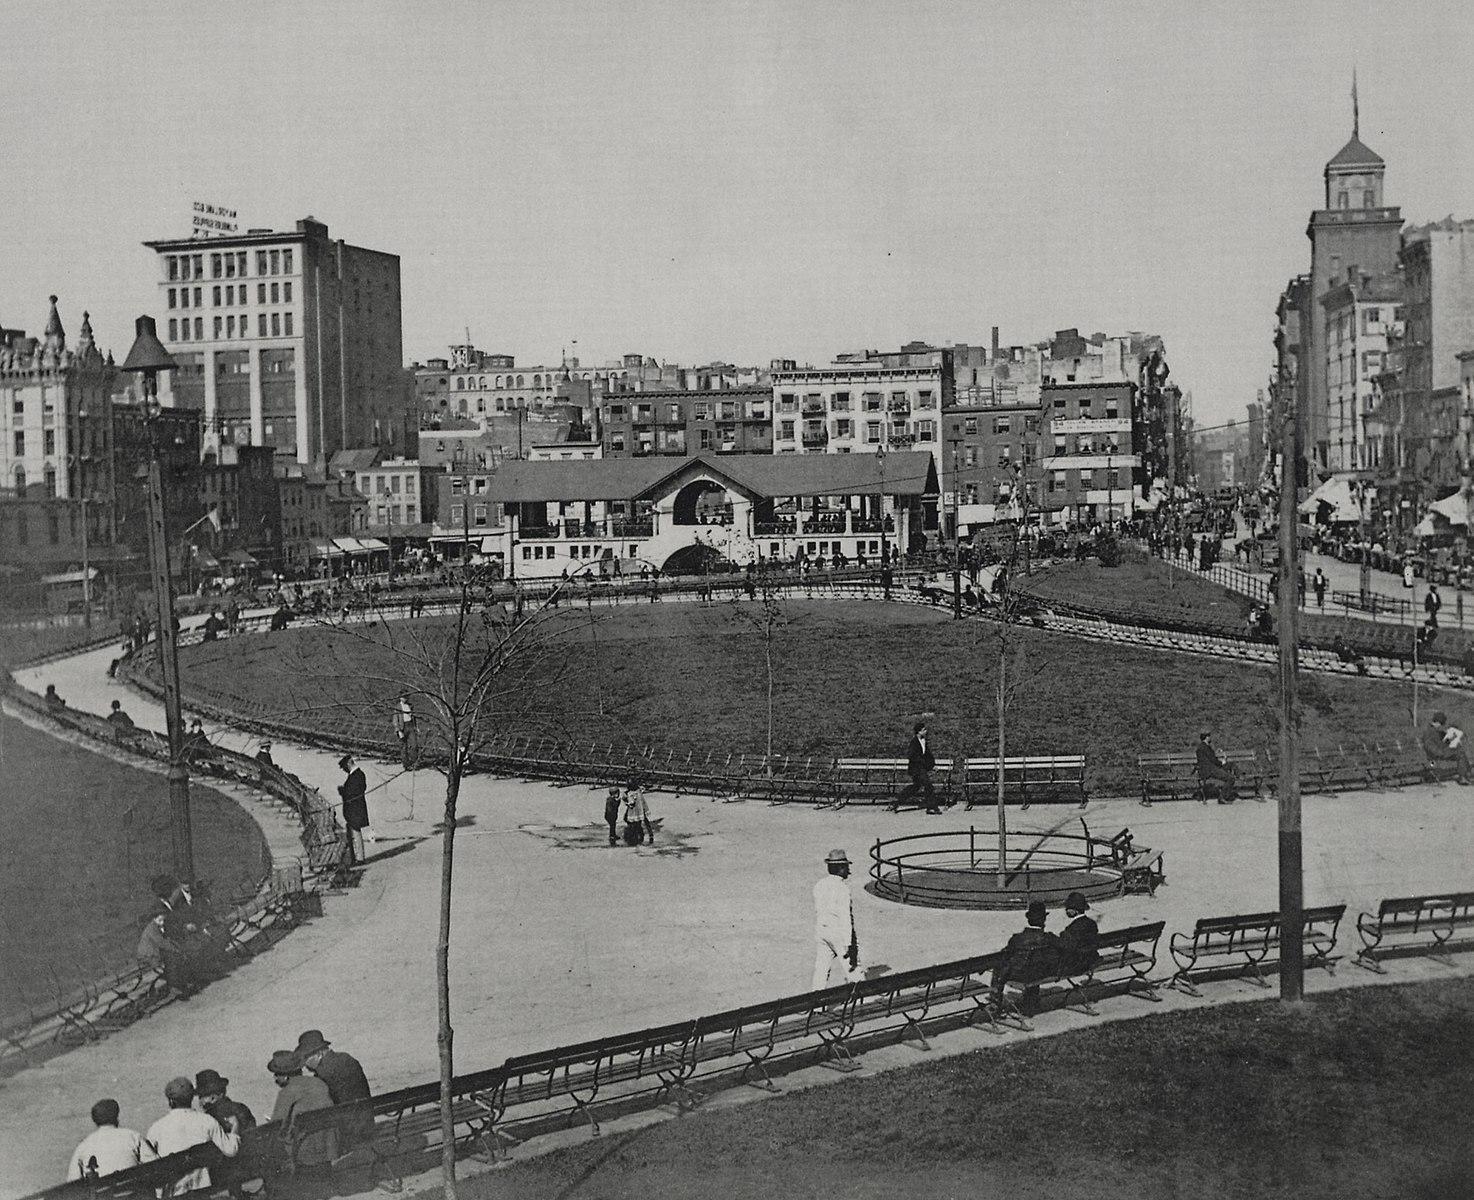 Mulberry Bend Park, efter nedrivning af lodging houses og anlæg af park.